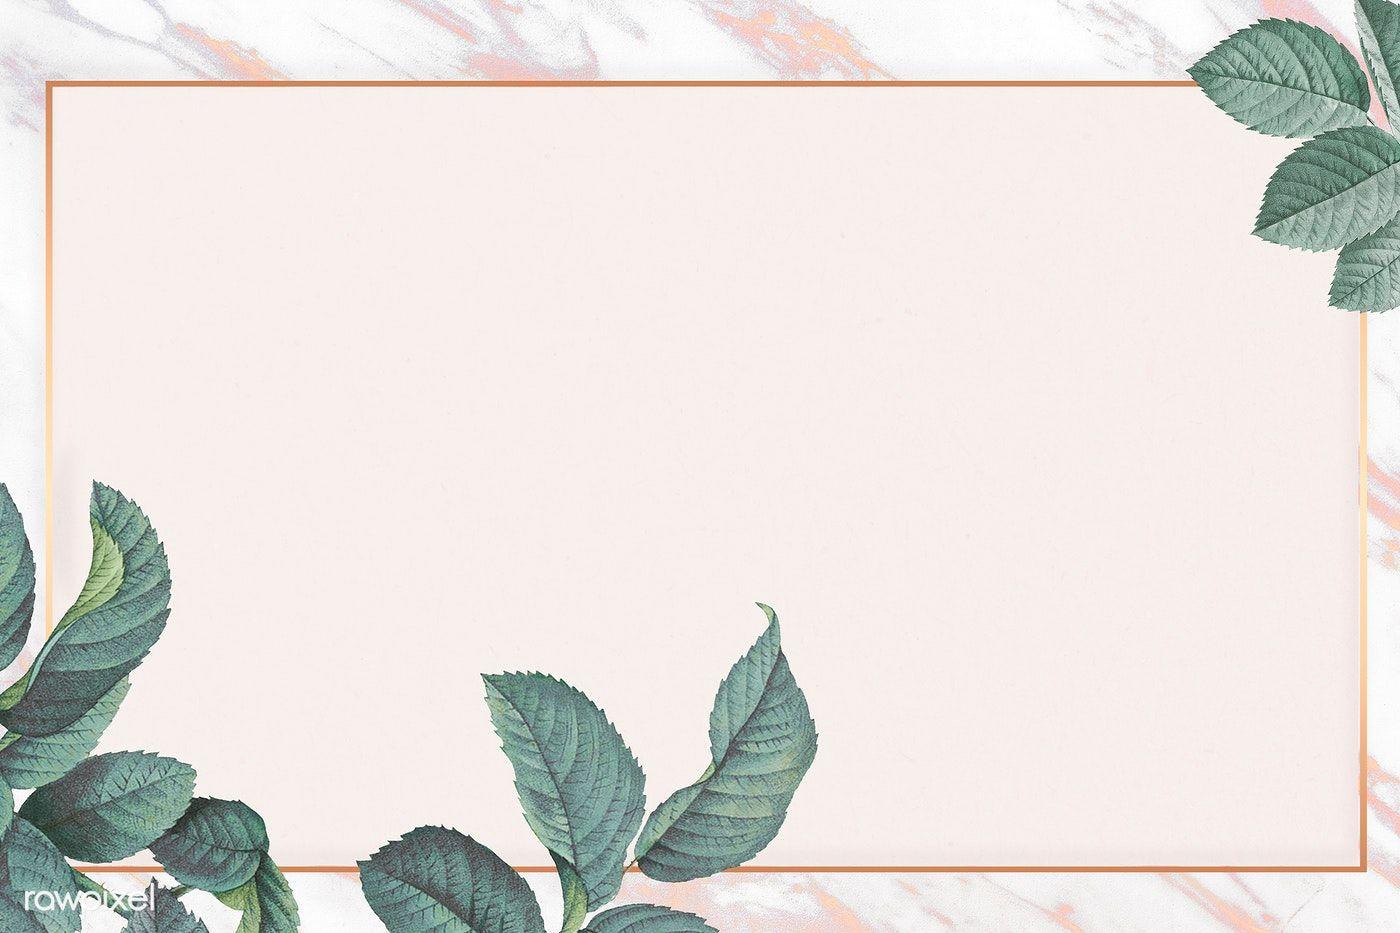 Download Premium Illustration Of Green Leaf Element Background In